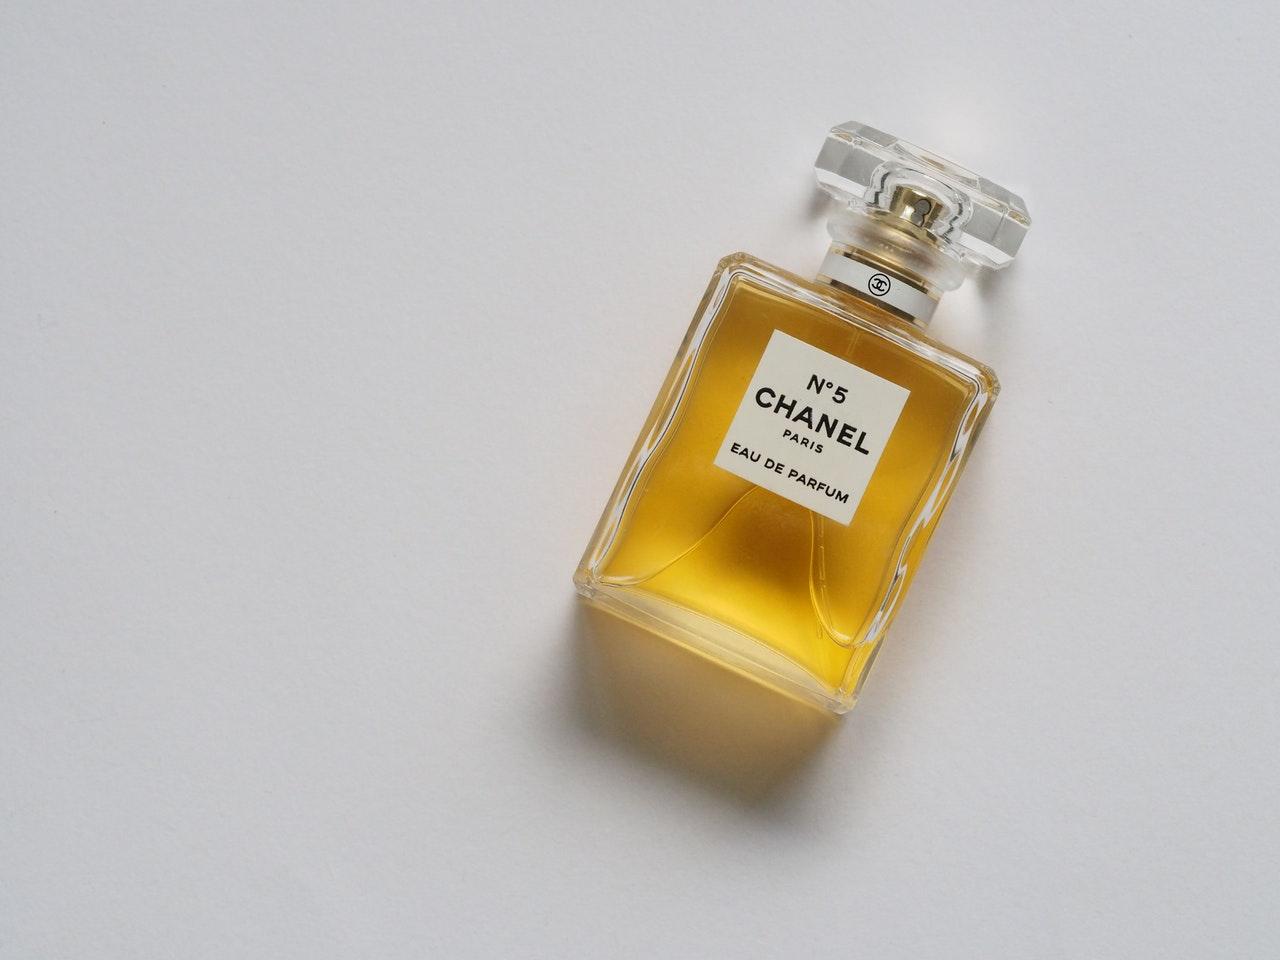 beste online parfumerie